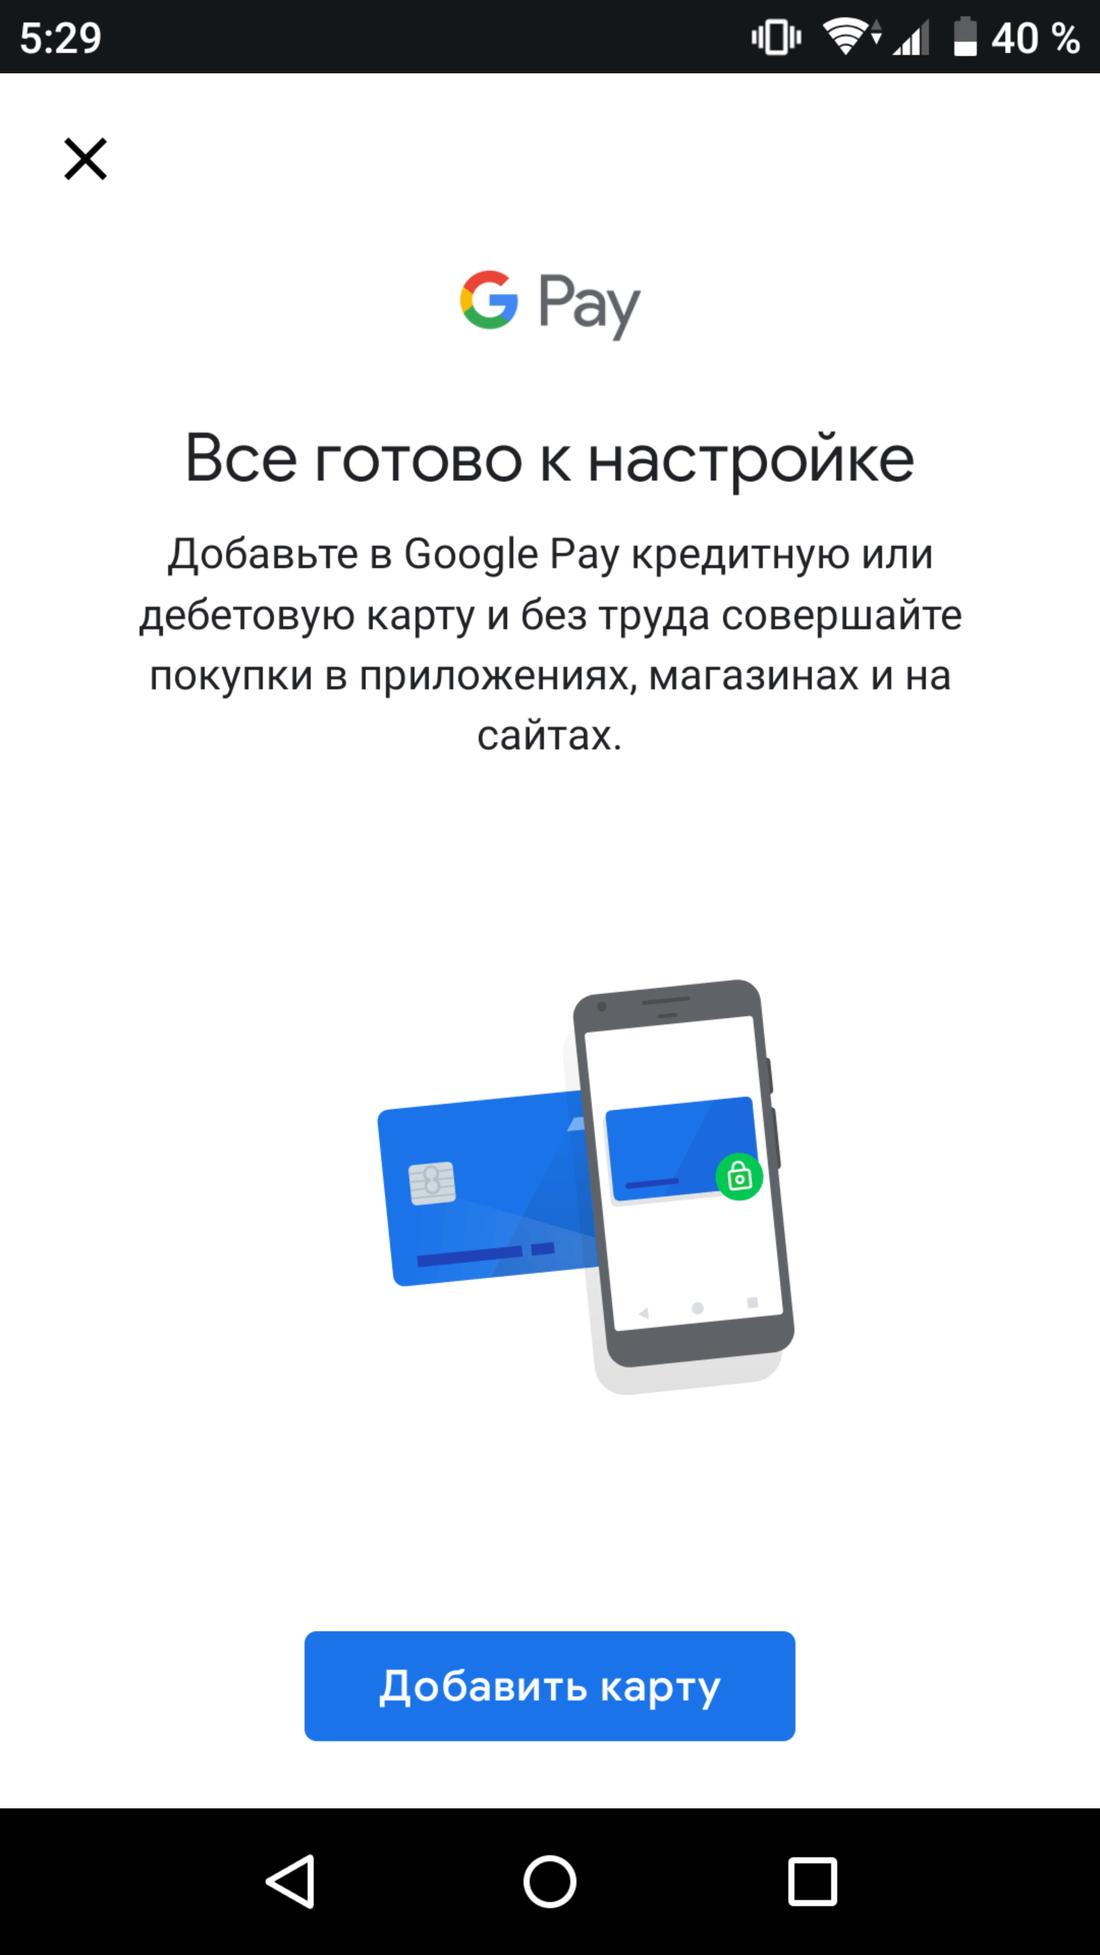 Скриншoт #3 из прoгрaммы Google Pay